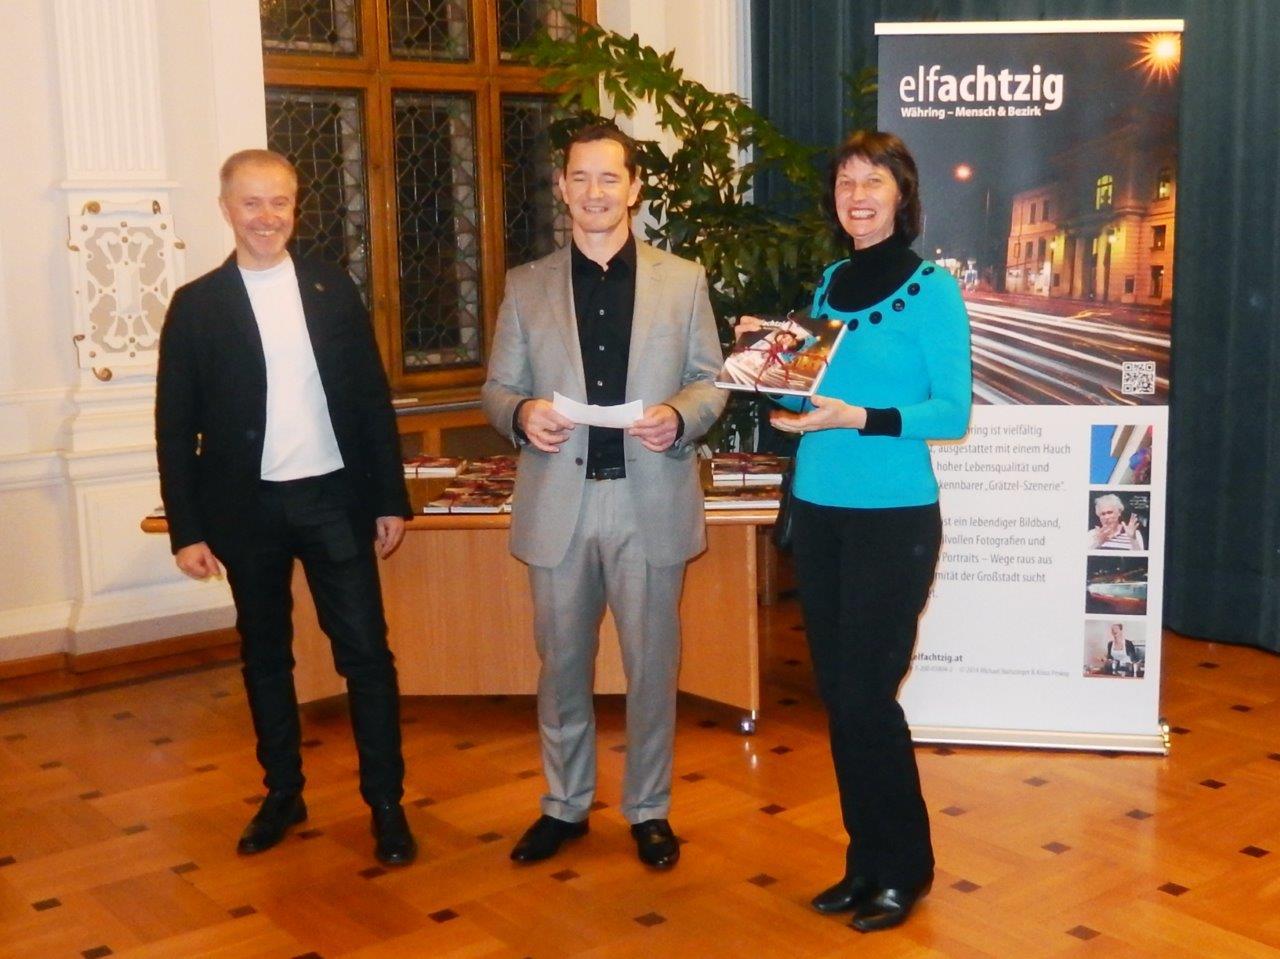 Klaus Prokop, Michael Haitszinger und Stefanie Grüssl